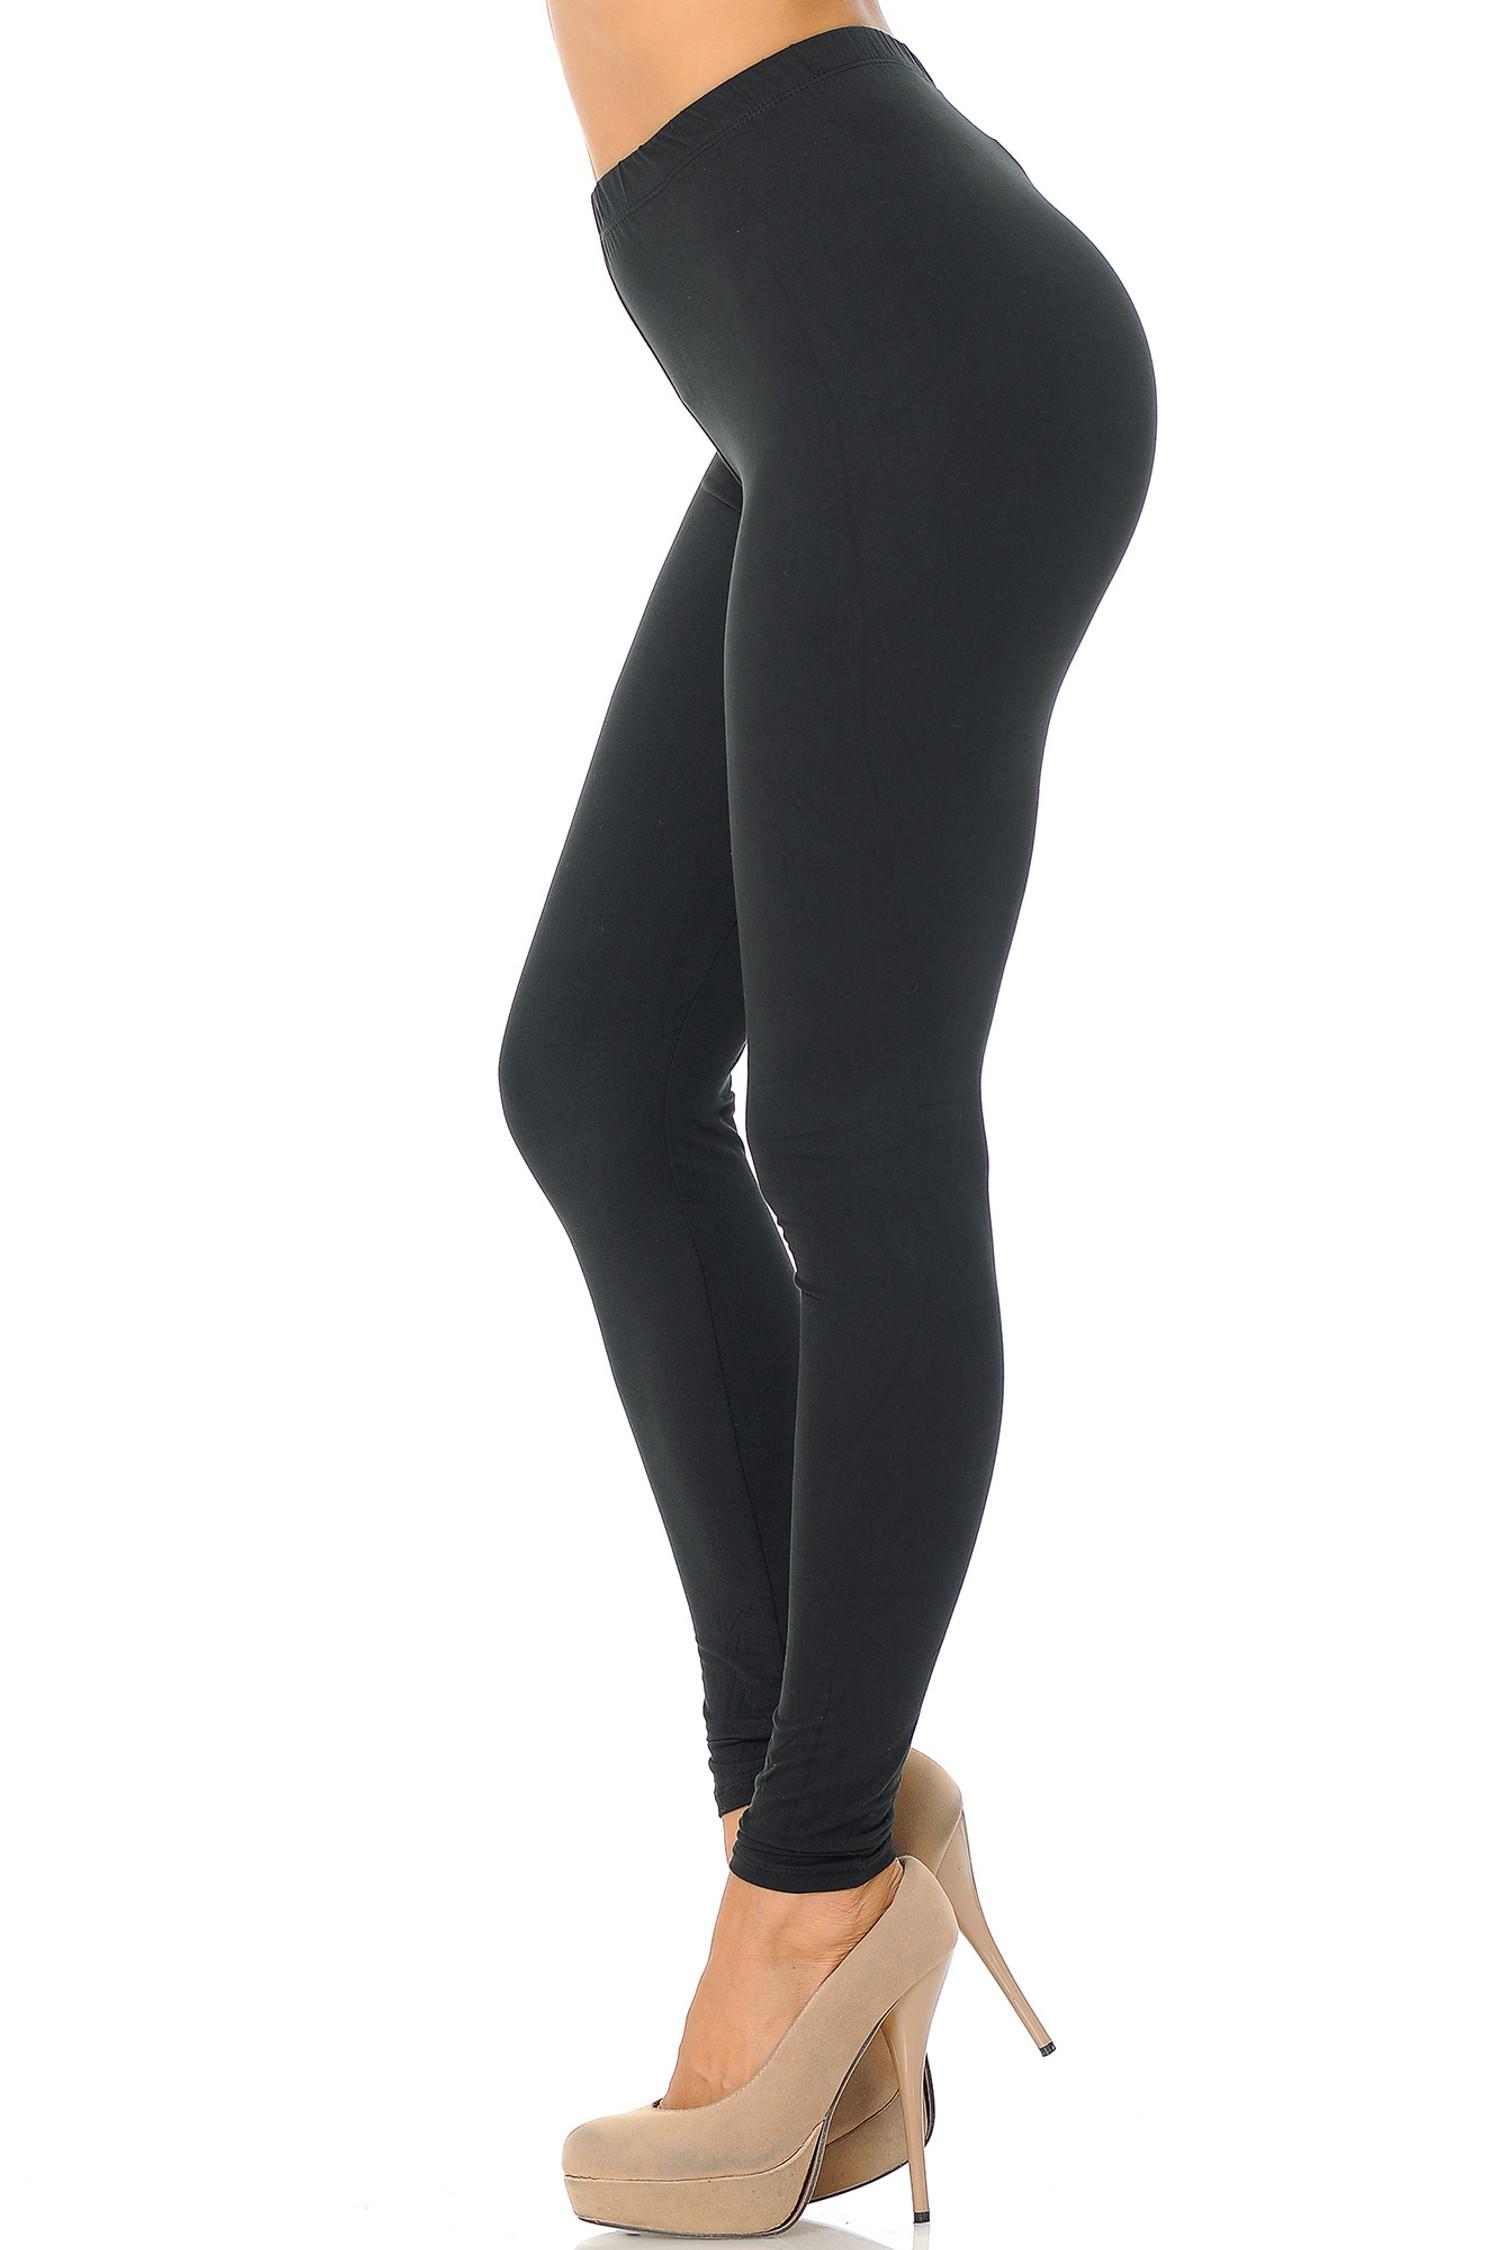 Black Left Side Brushed Basic Solid Leggings - EEVEE